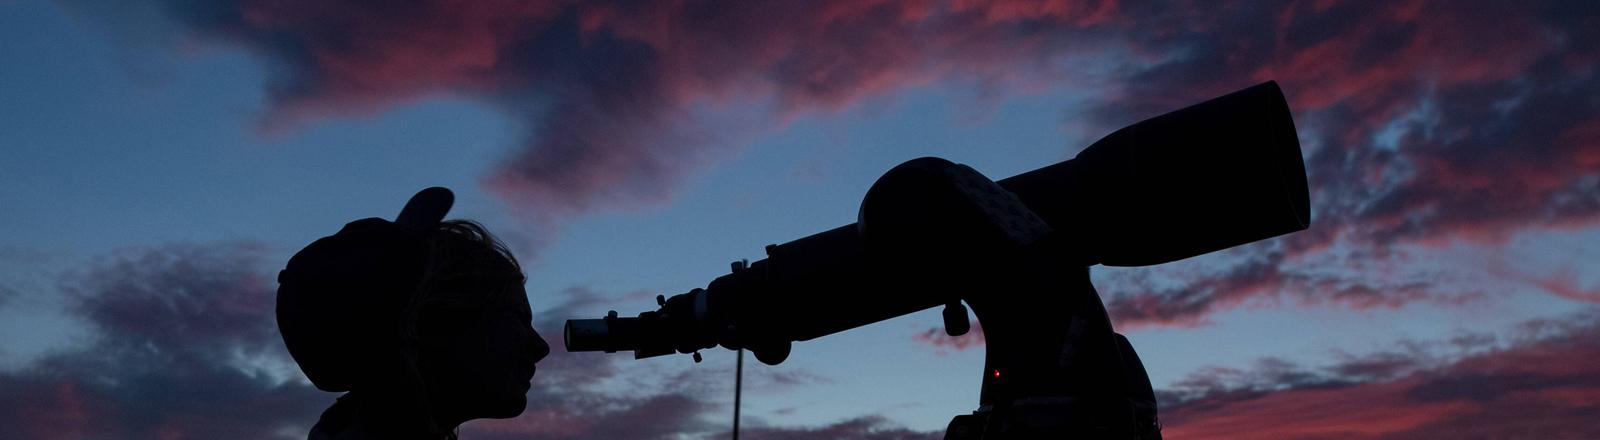 Eine Frau schaut durch ein Teleskop